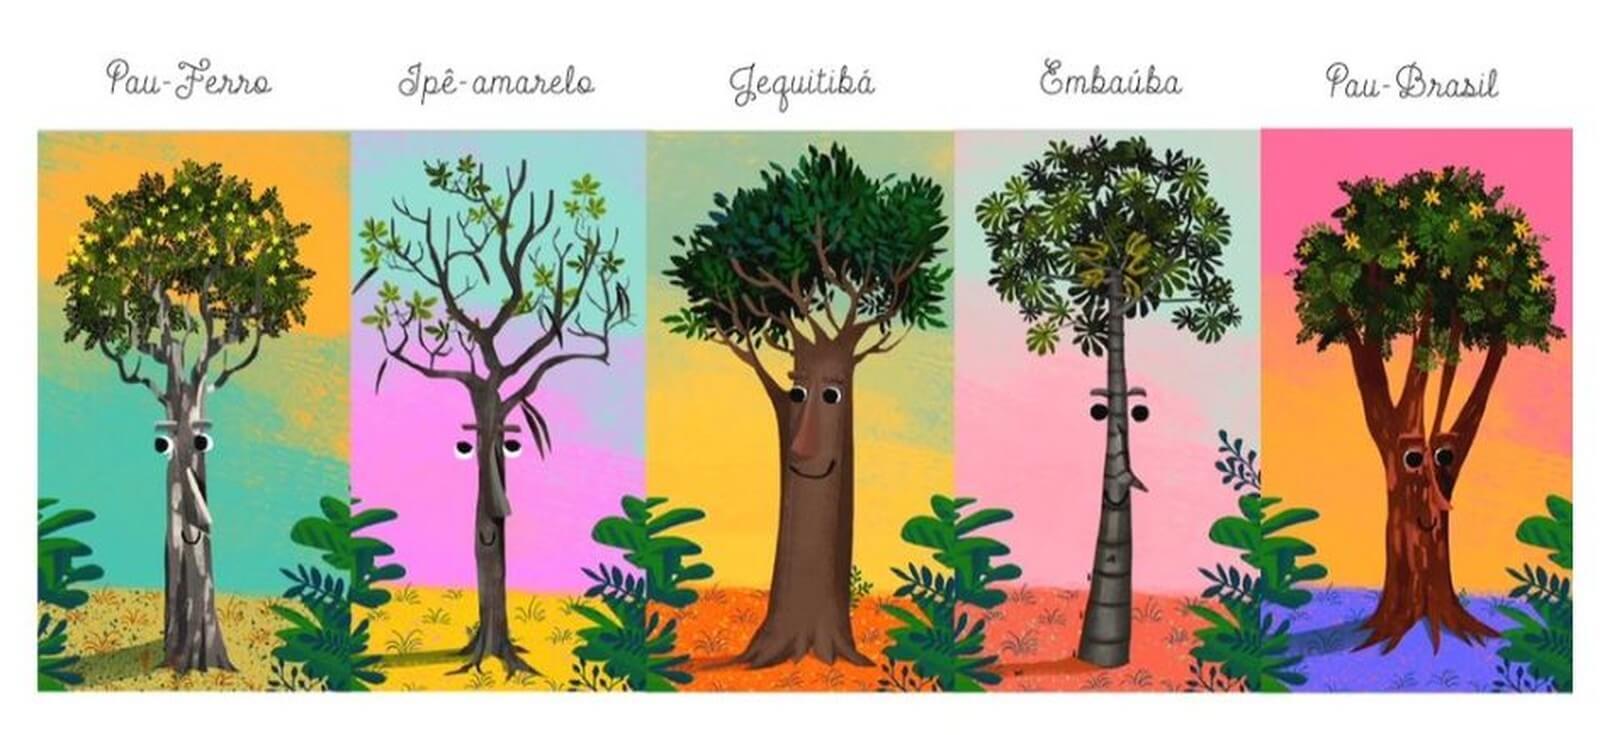 natu contos propõe atividades culturais ao ar livre